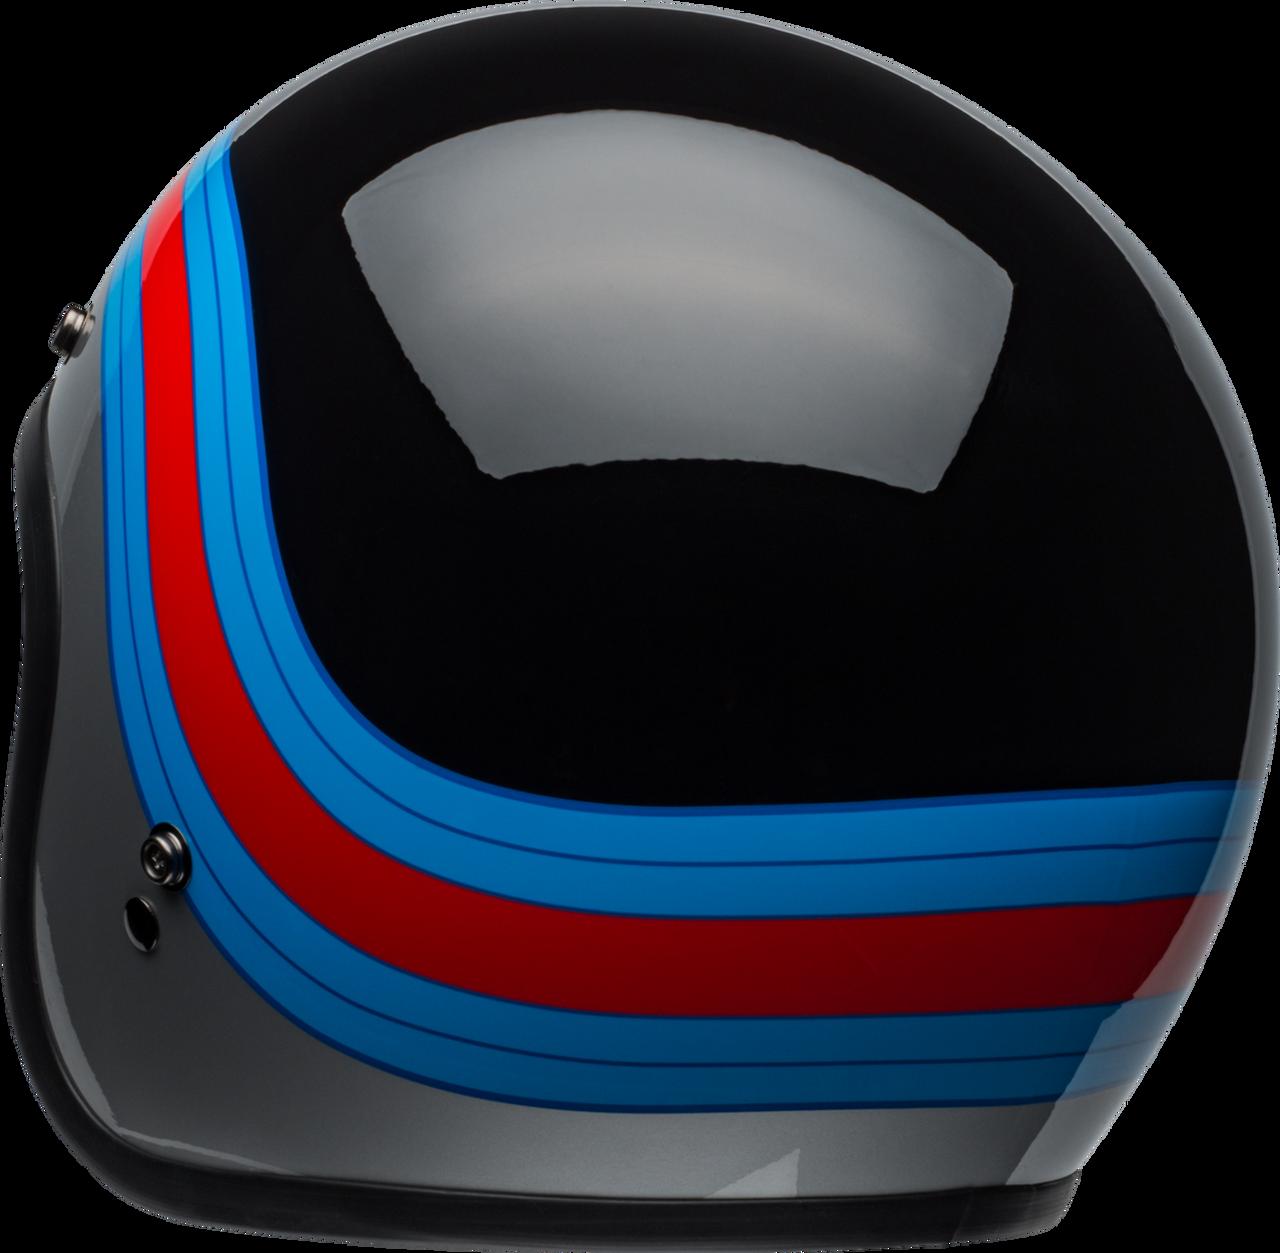 BELL CUSTOM 500 PULSE GLOSS BLACK/BLUE/RED